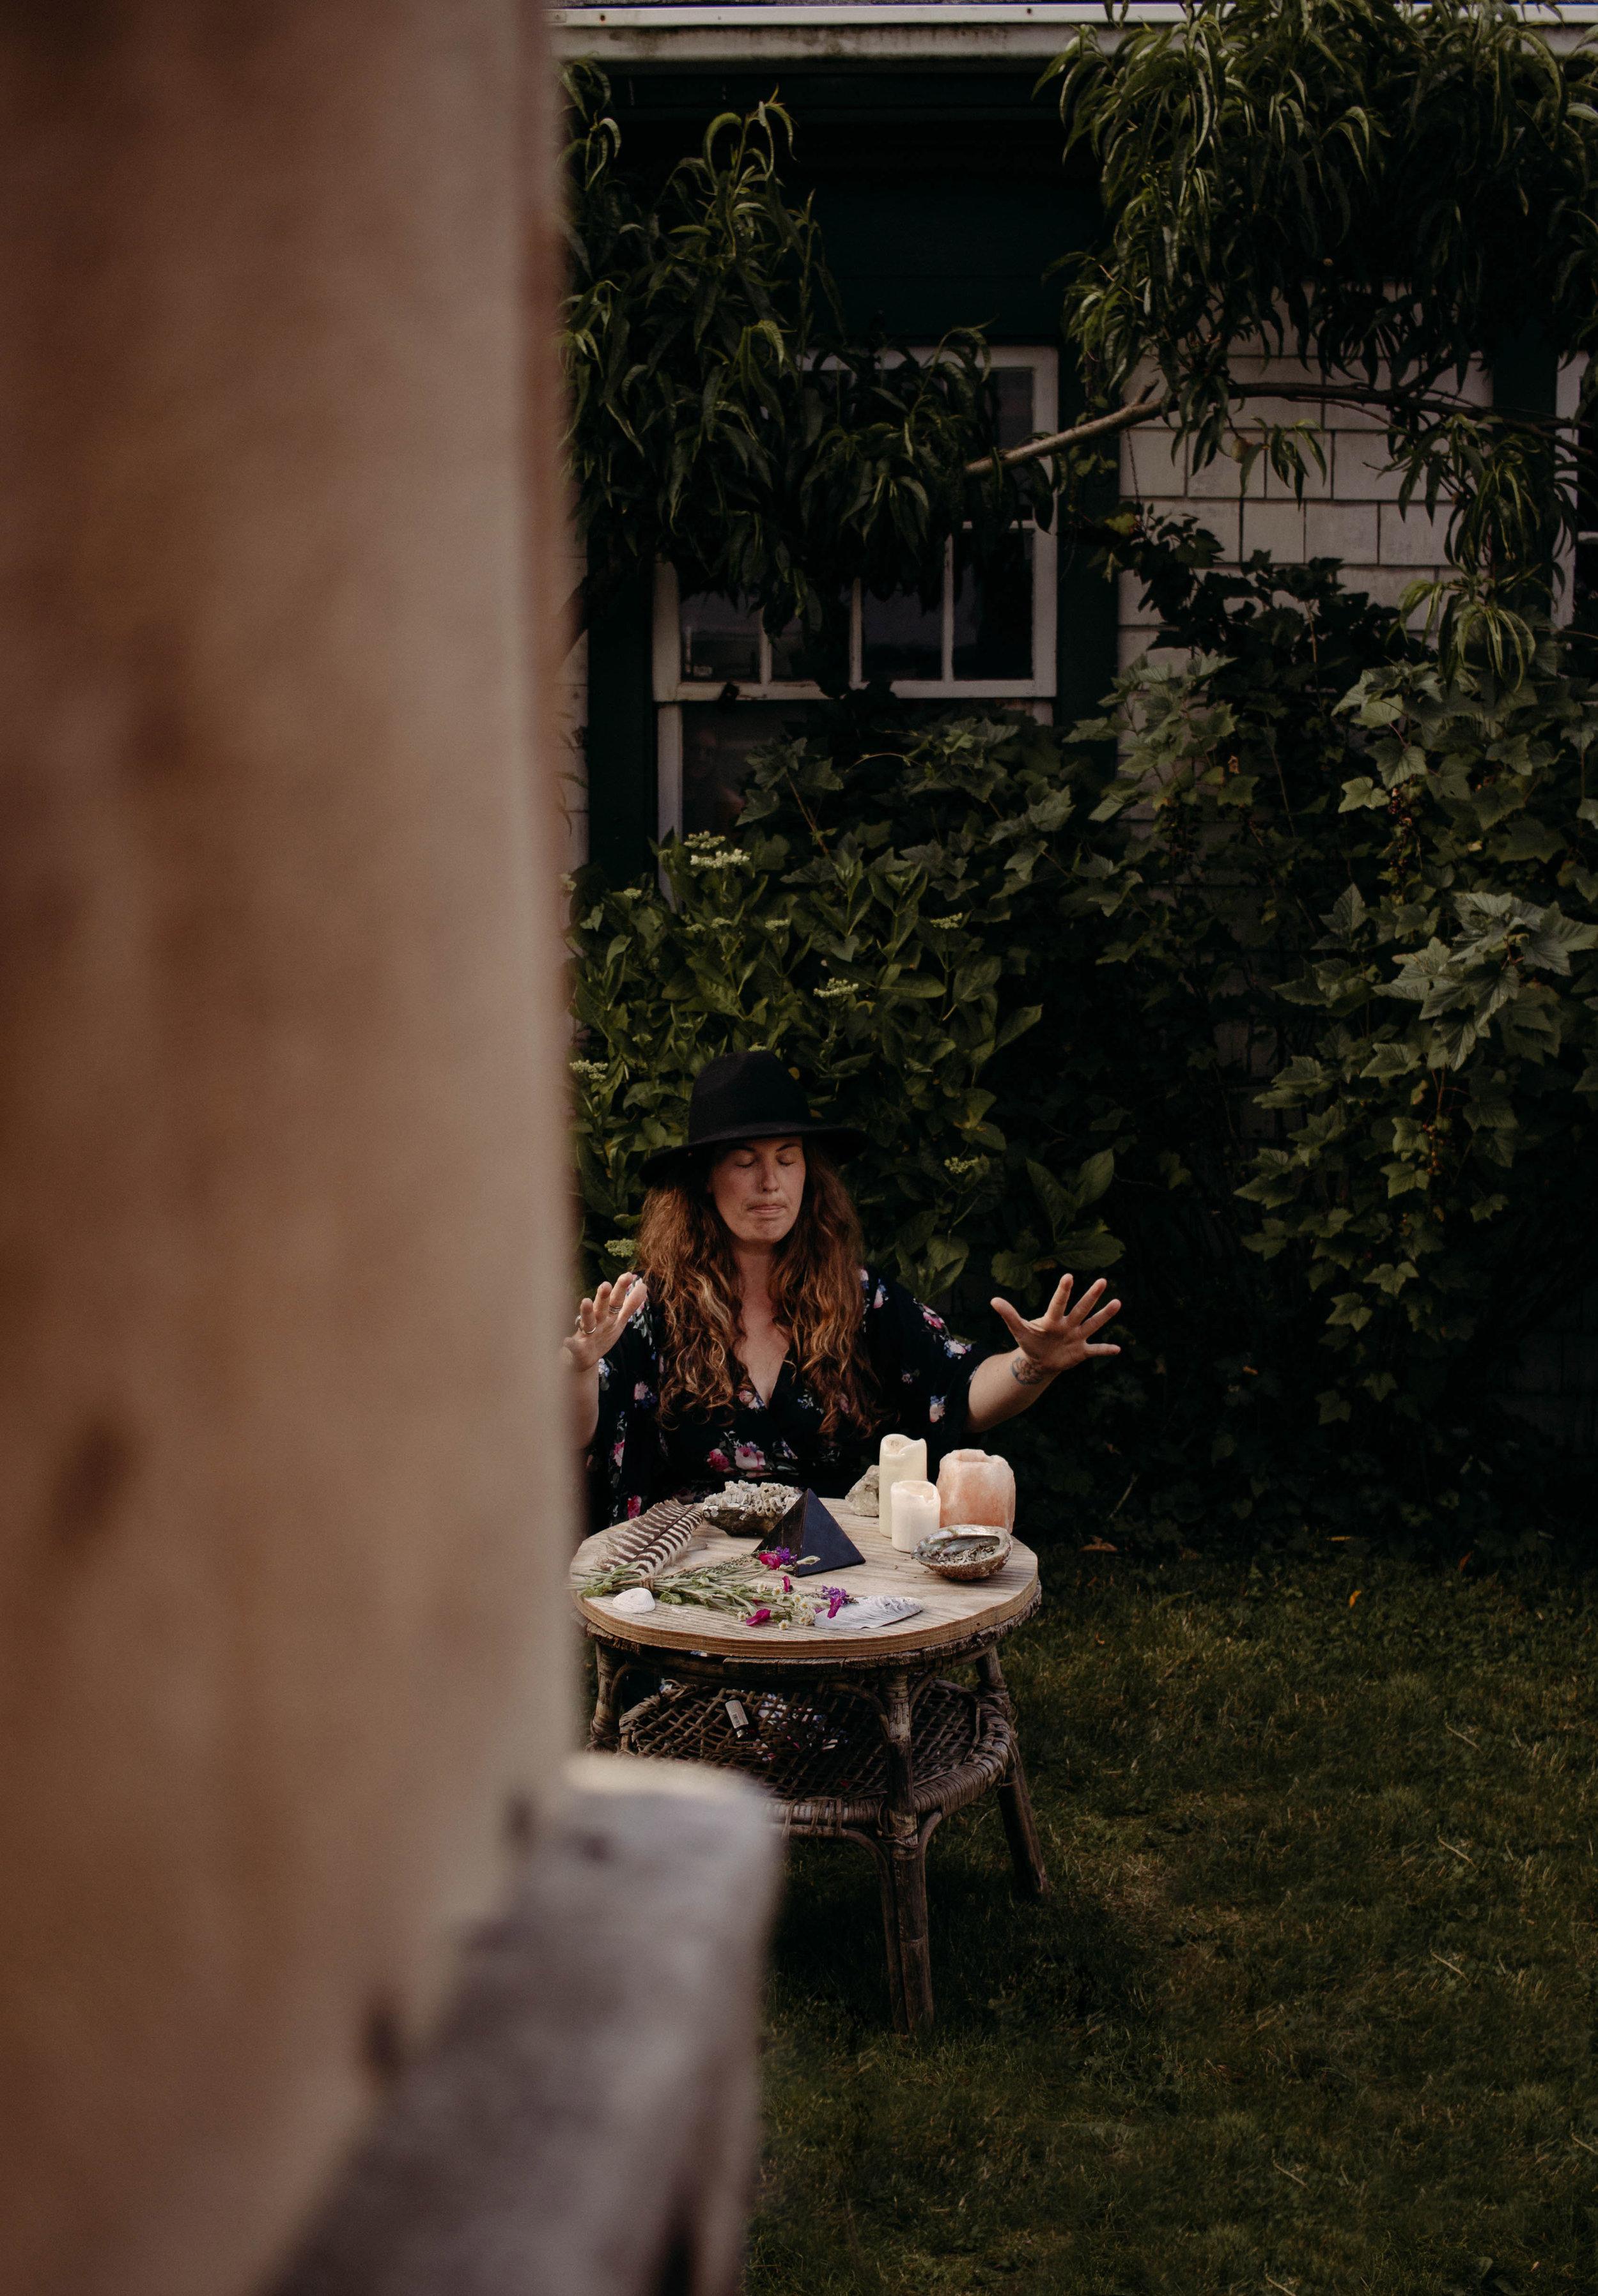 christa-fontaine_backyard-summer-shoot-59_web.jpg